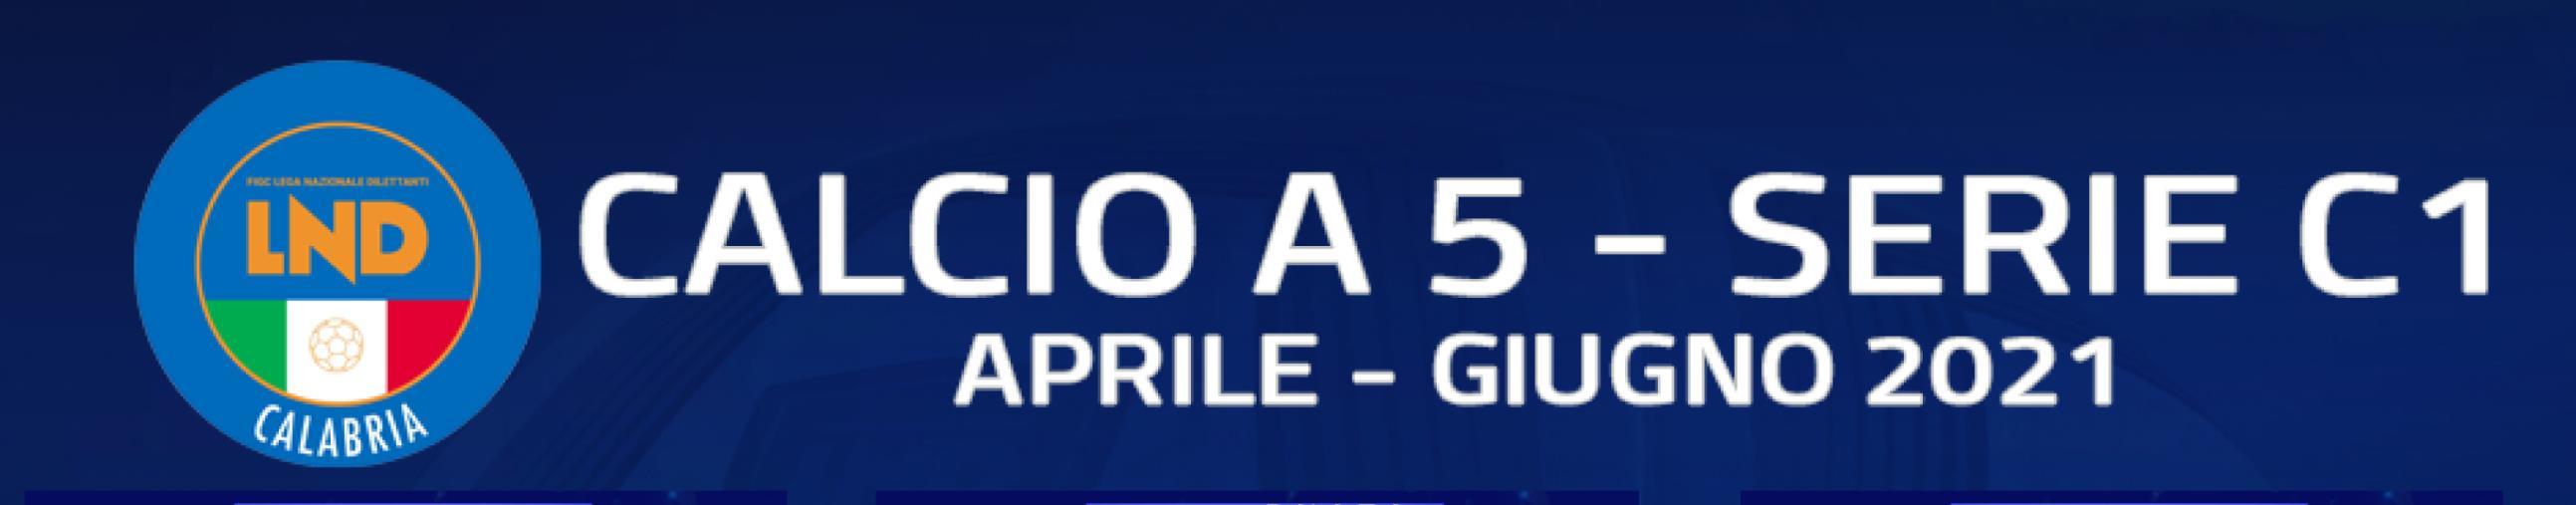 images Serie C/Calcio A 5. Gare di Play off, arbitri e marcatori